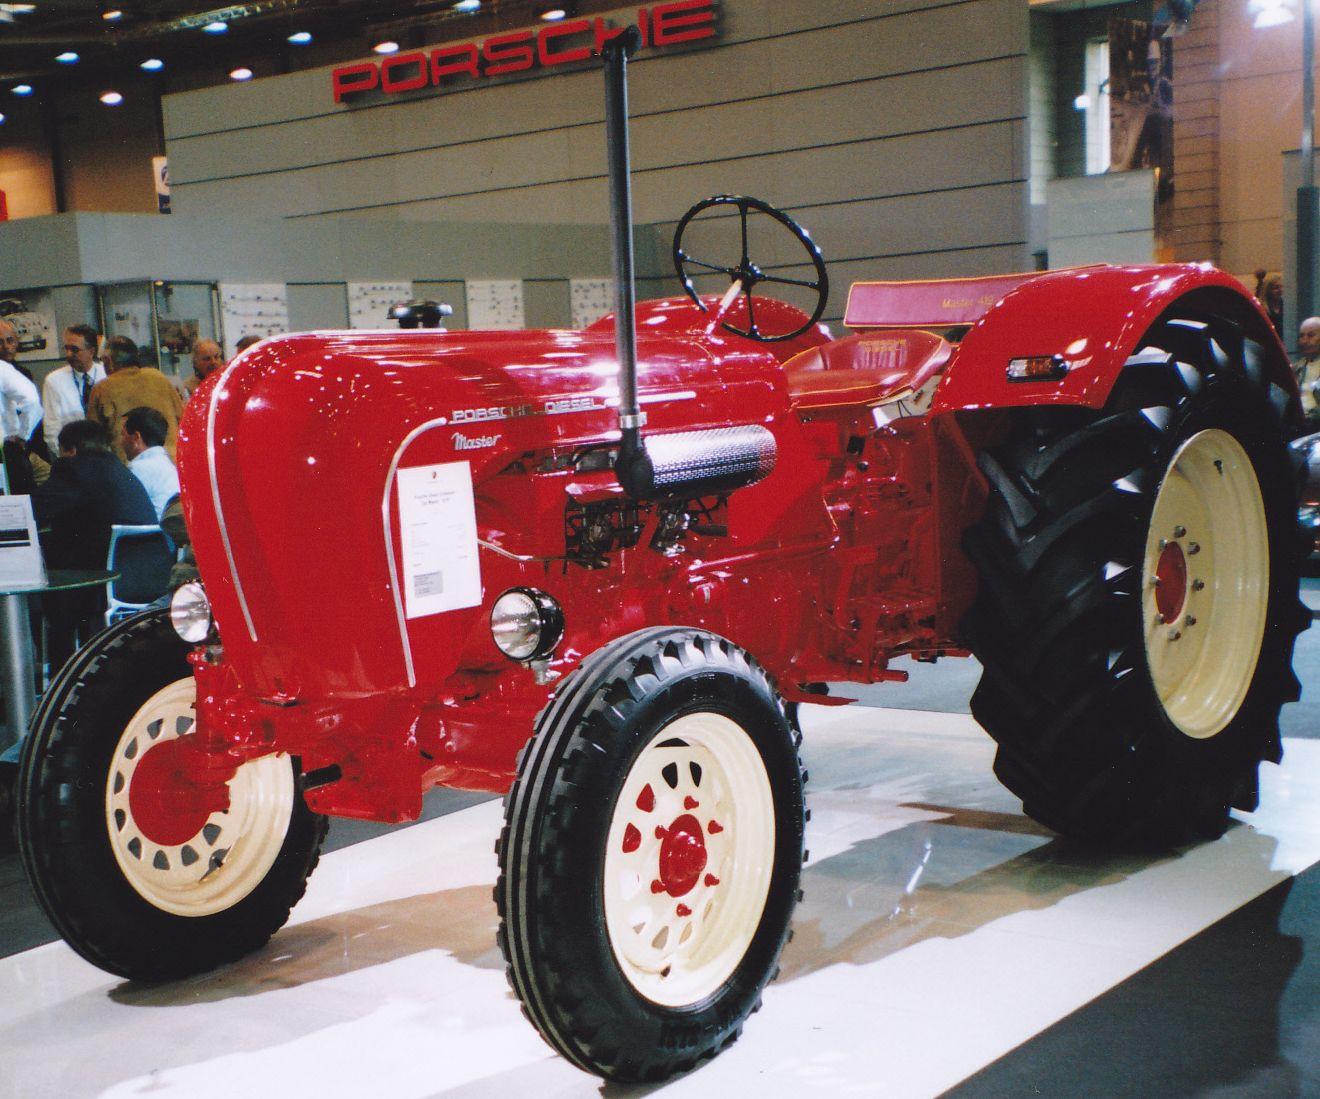 Porsche Diesel Master Germany Tractor Tracteur